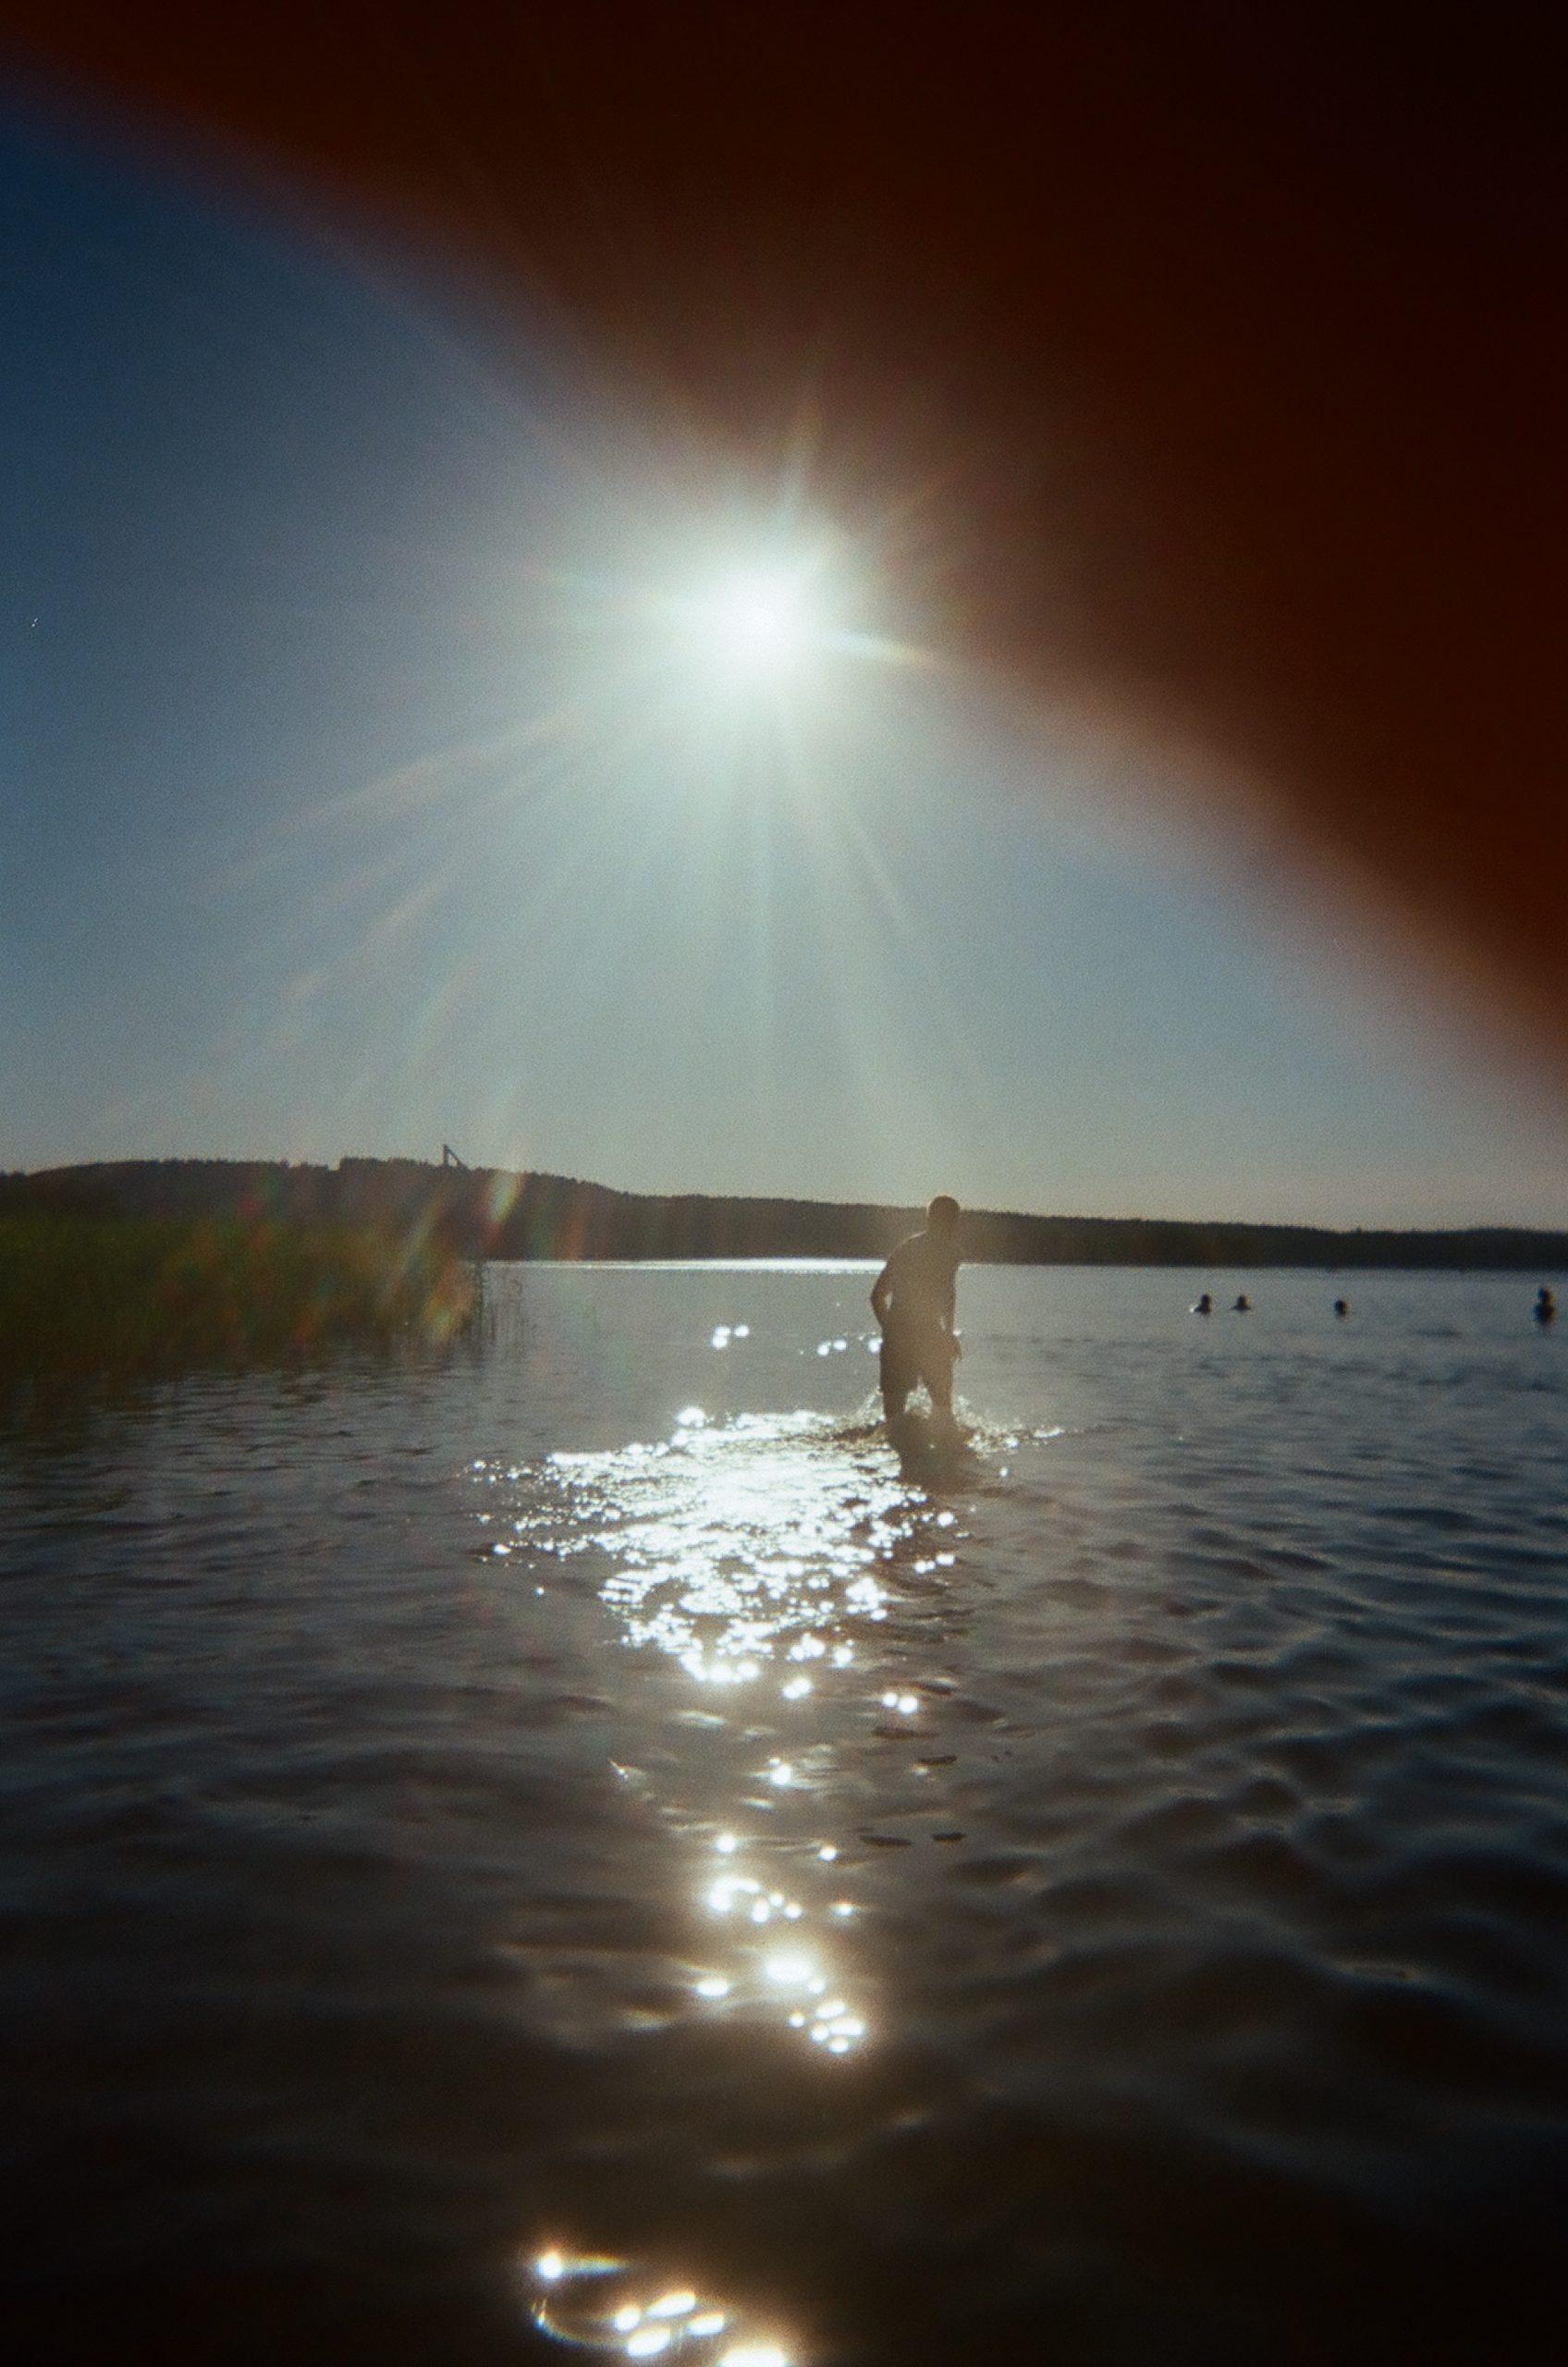 Nupa15_jenna_mäenpää_kuva04_luontojaymparisto_taidejahyvinvointi